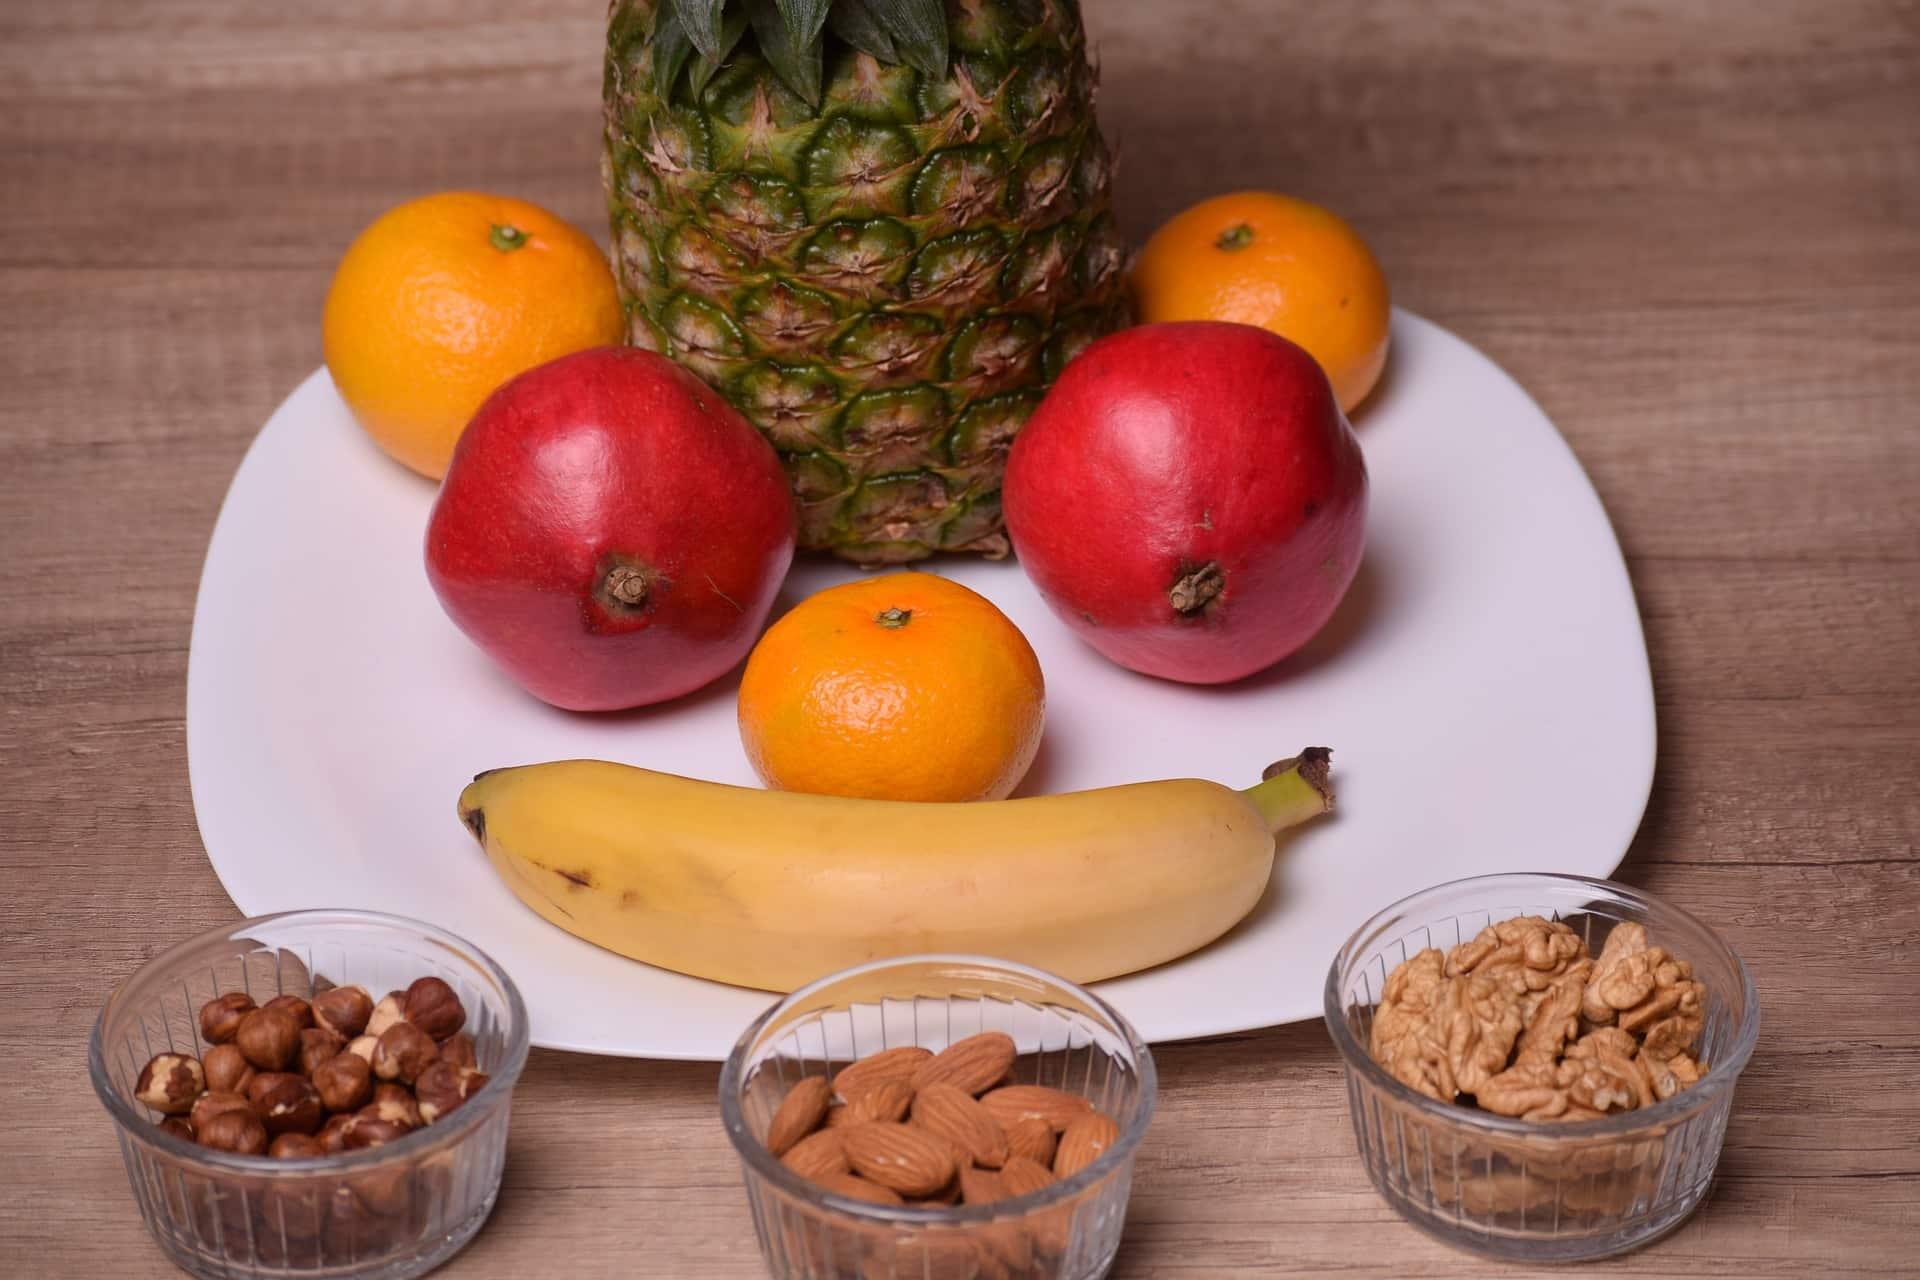 כמה חלבון הגוף שלנו צריך ומהם מקורות החלבון המומלצים עבורנו?